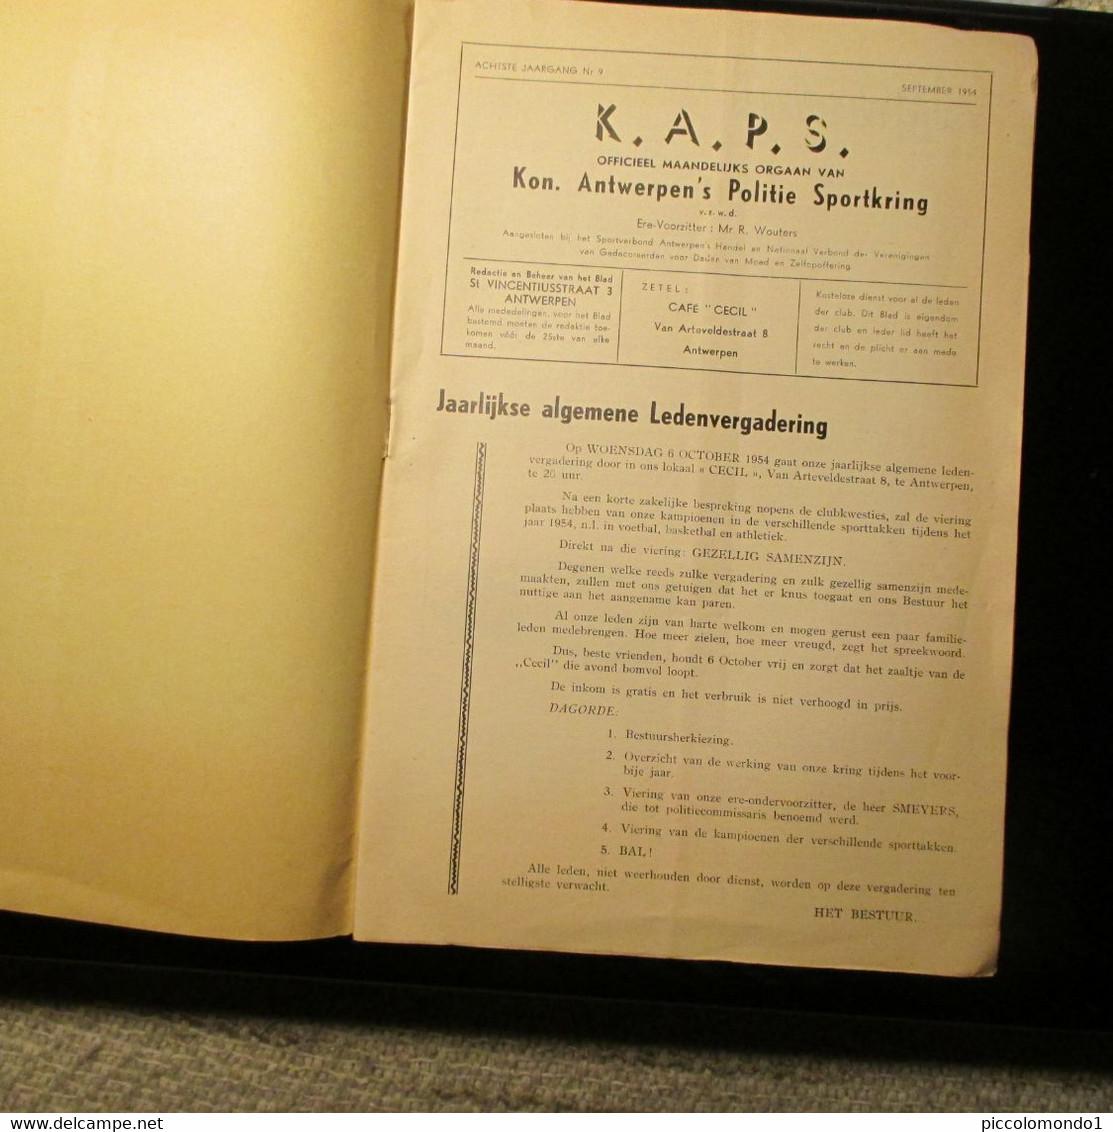 Koninklijke Antwerpen's Politie Sportkring1954 - Practical